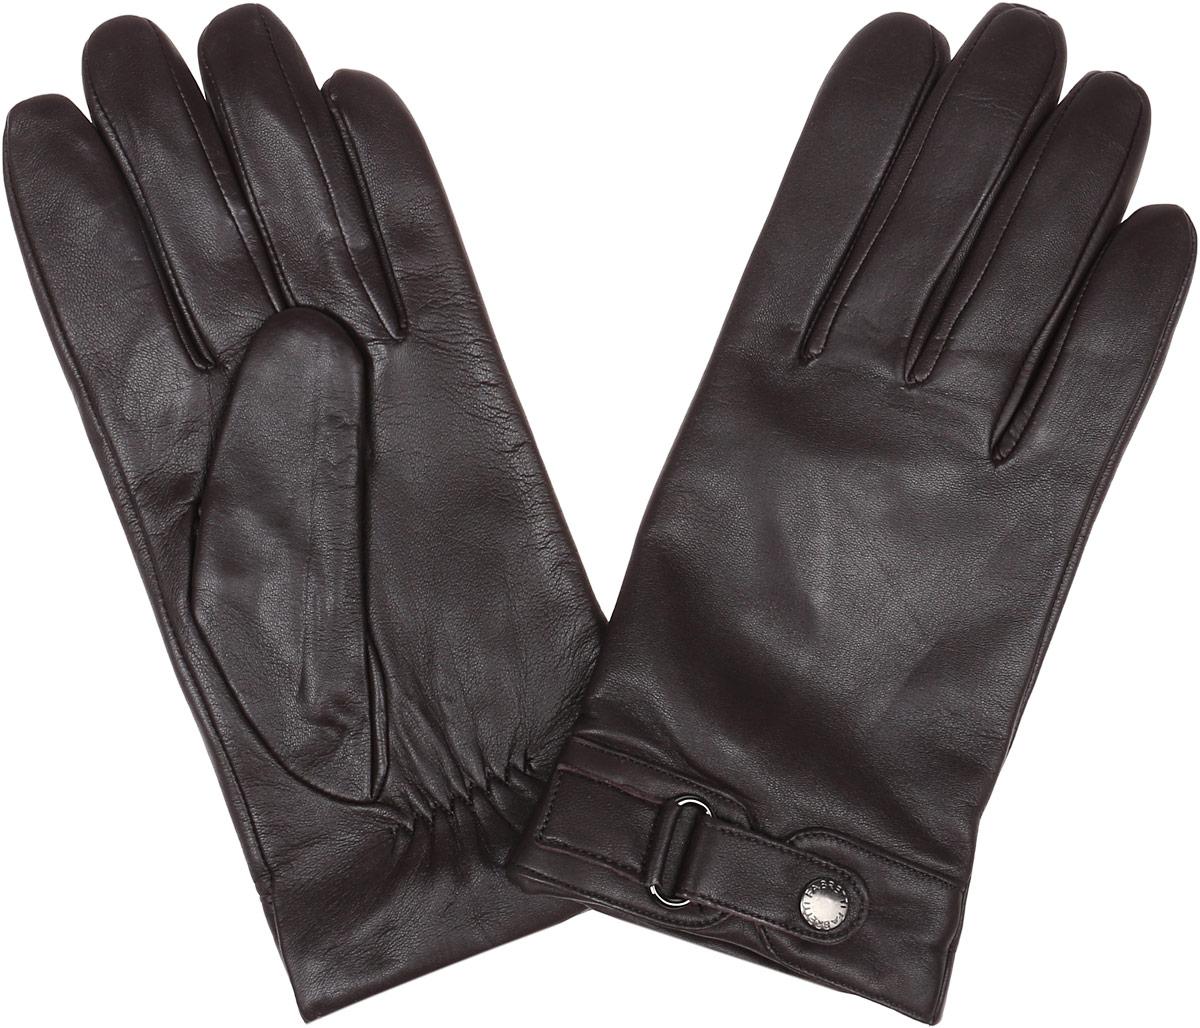 Перчатки мужские Fabretti, цвет: темно-коричневый. 12.51-2. Размер 8,512.51-2 chocolateСтильные мужские перчатки Fabretti не только защитят ваши руки, но и станут великолепным украшением. Перчатки выполнены из натуральной кожи ягненка, а их подкладка - из высококачественной шерсти с добавлением кашемира.Модель дополнена декоративным хлястиком на кнопке. Перчатки имеют строчки-стежки на запястье, которые придают большее удобство при носке.Стильный аксессуар для повседневного образа.